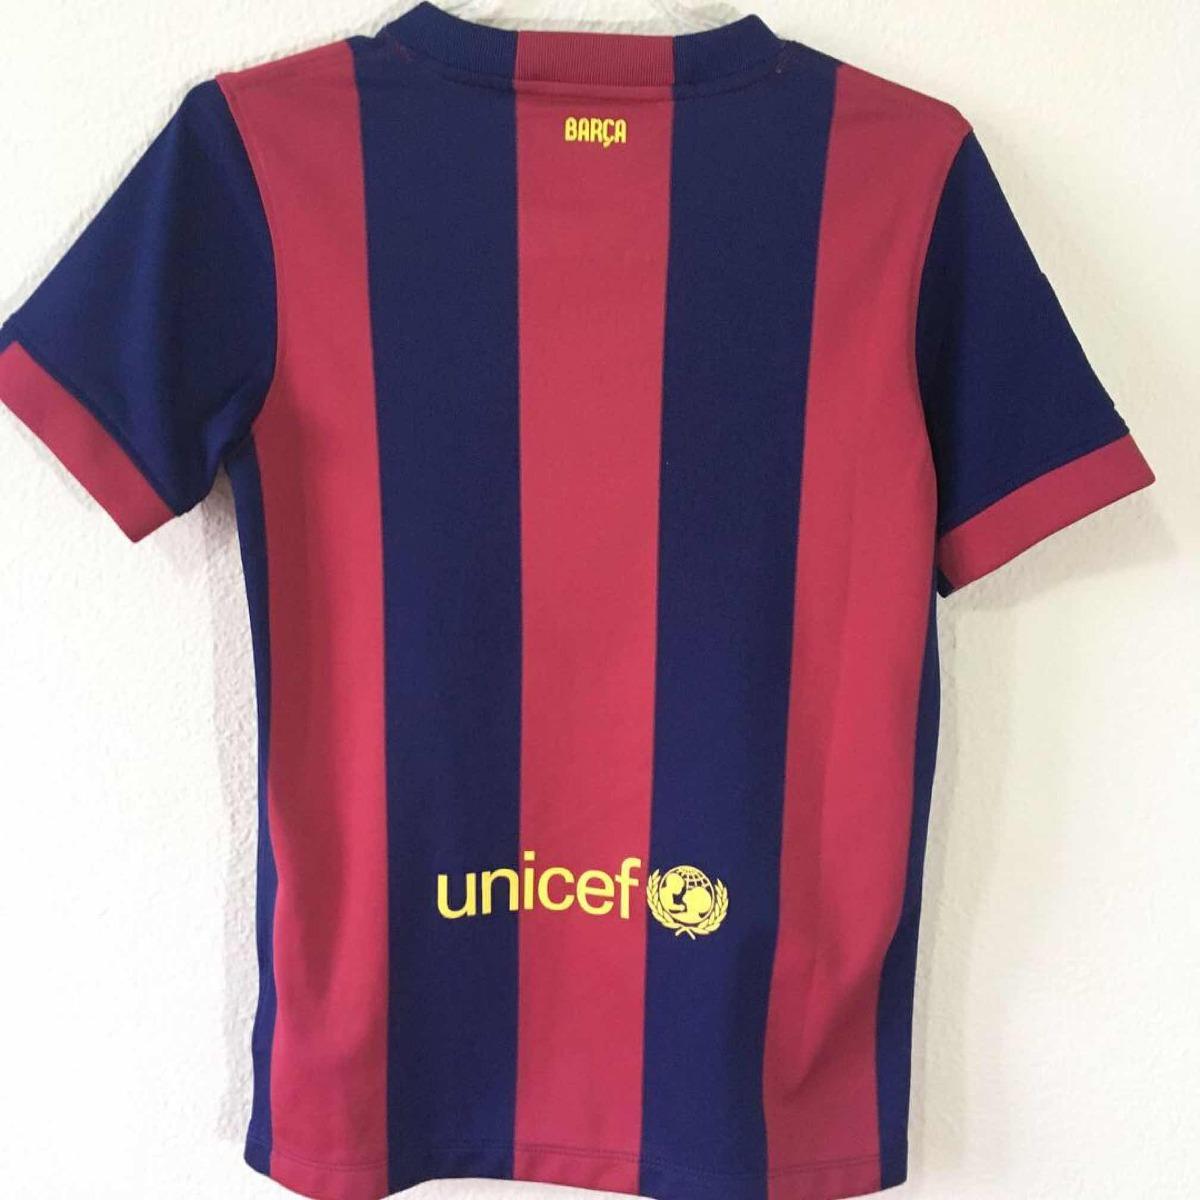 5478c3adda camisa oficial barcelona tam 10-12 anos. Carregando zoom.